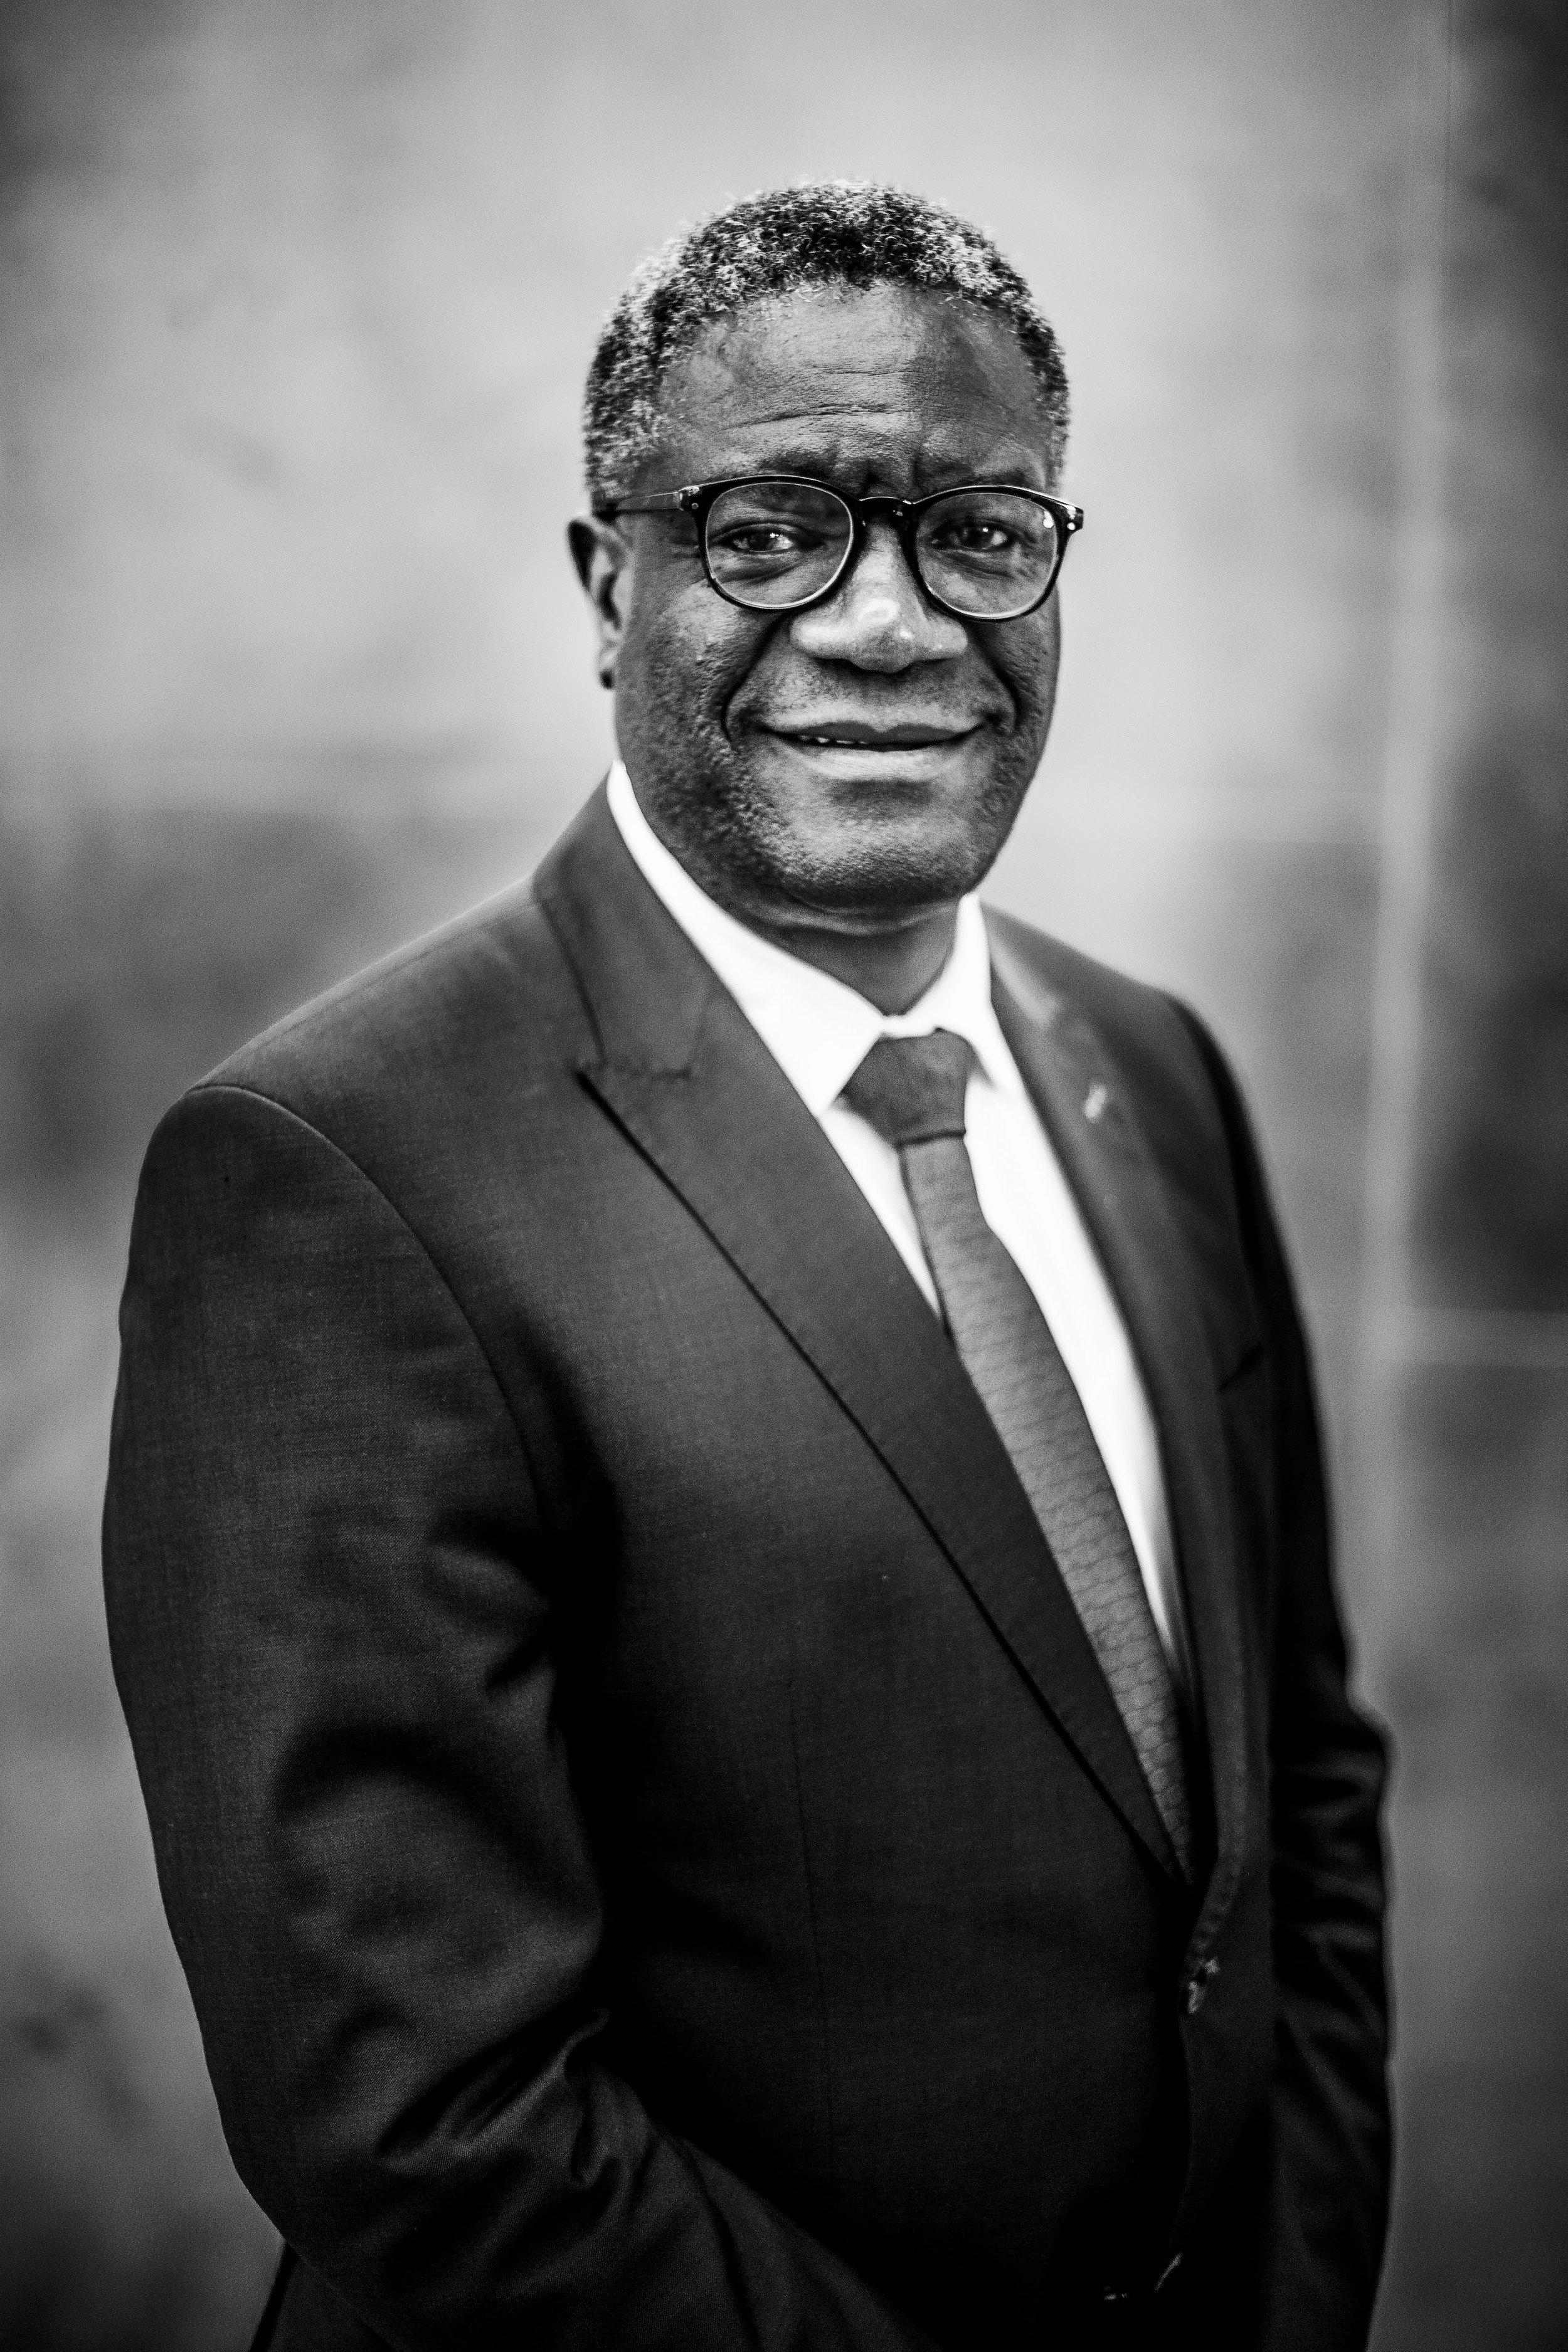 Denis Mukwege, Menschenrechtler und Friedensnobelpreisträger aus dem Jahr 2018